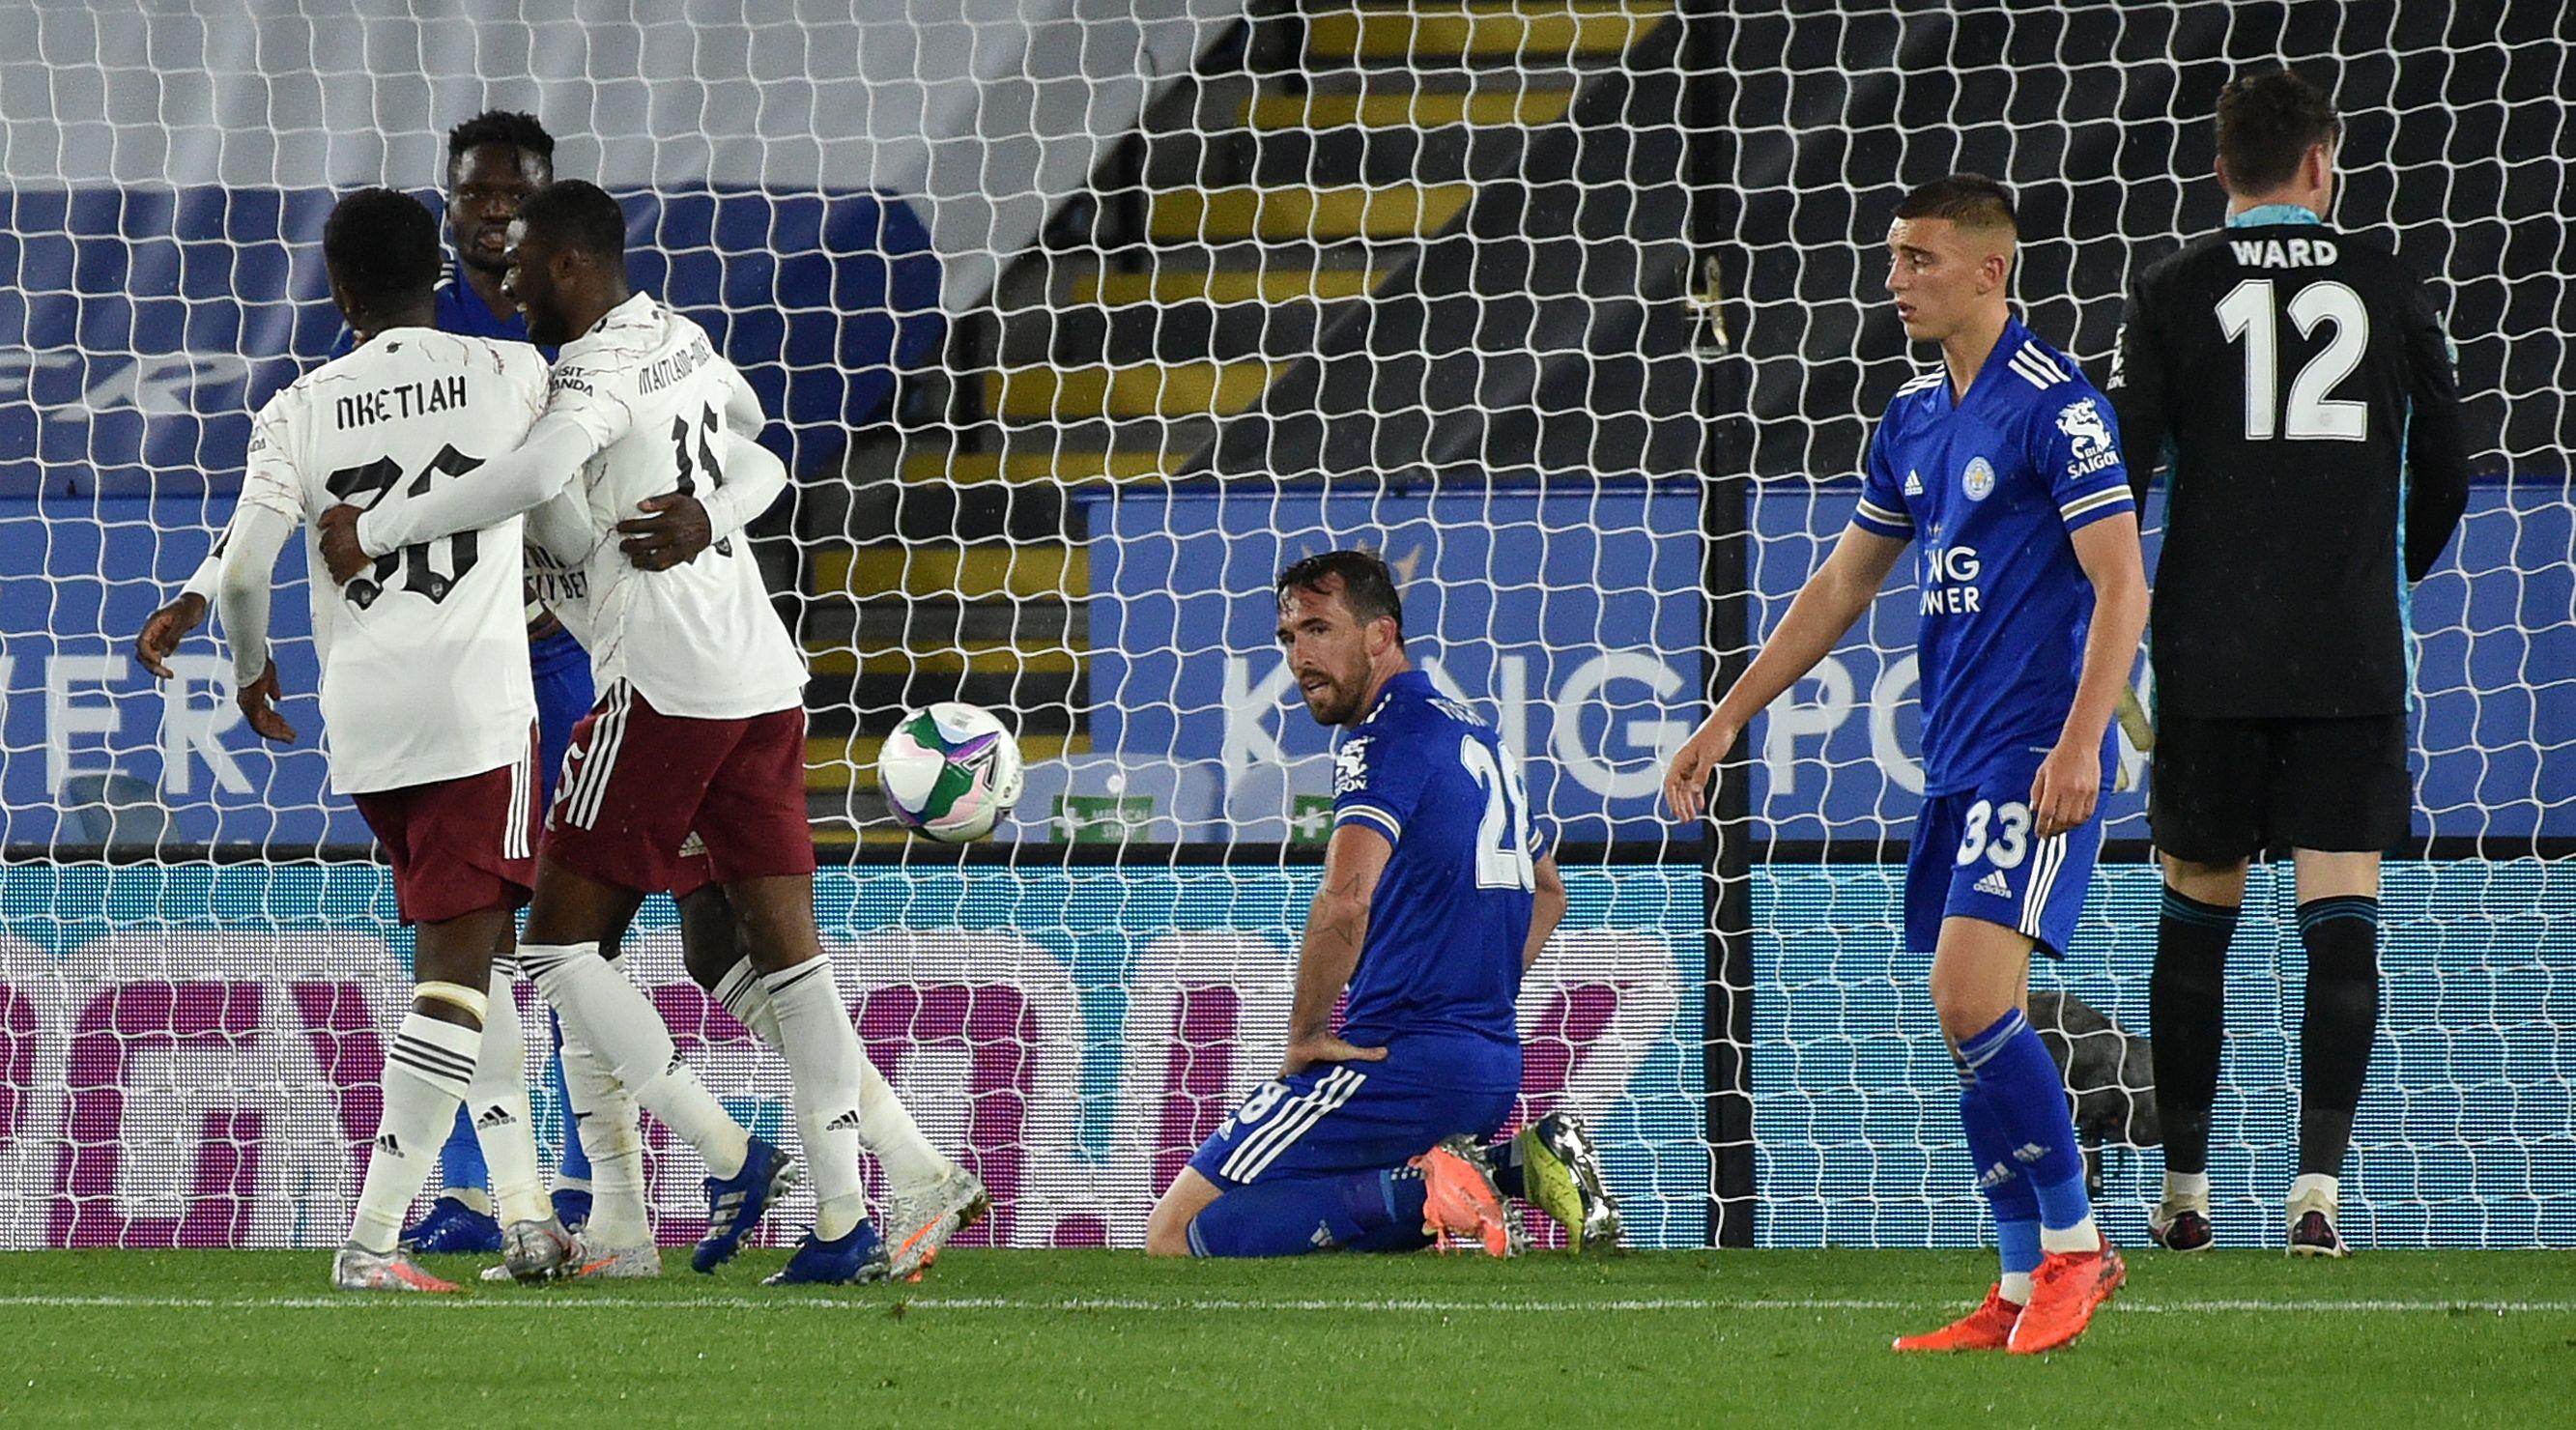 El resumen del Leicester vs. Arsenal de la Carabao Cup: vídeo, goles y  estadísticas | Goal.com